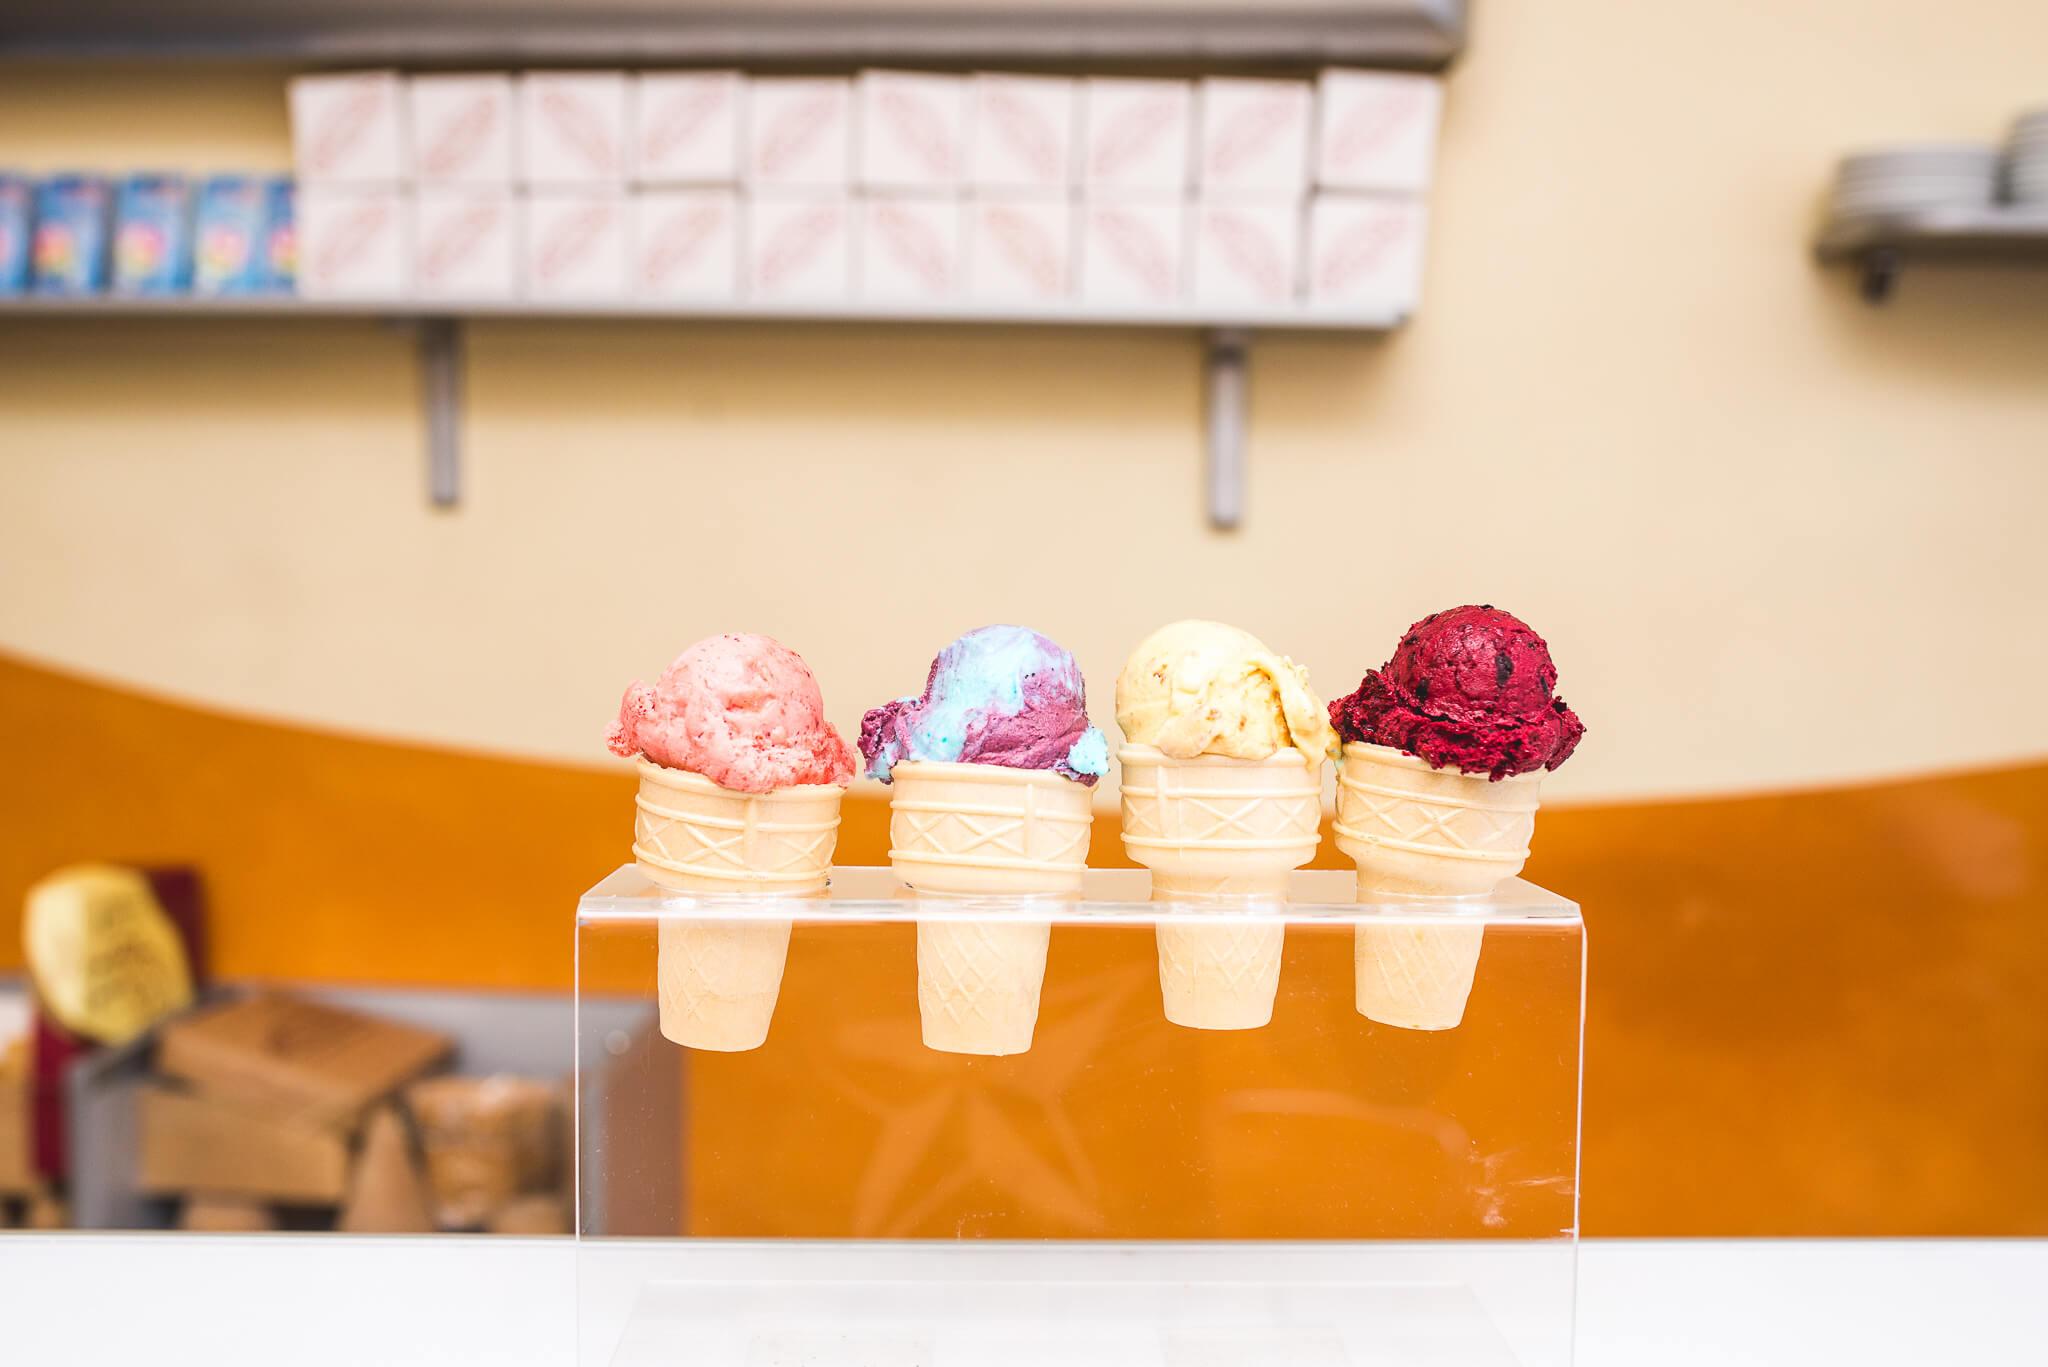 lody rzemieślnicze w pomorskim 7 1 - (N)ice cream. Where will you get the best ice-cream in Pomorskie?